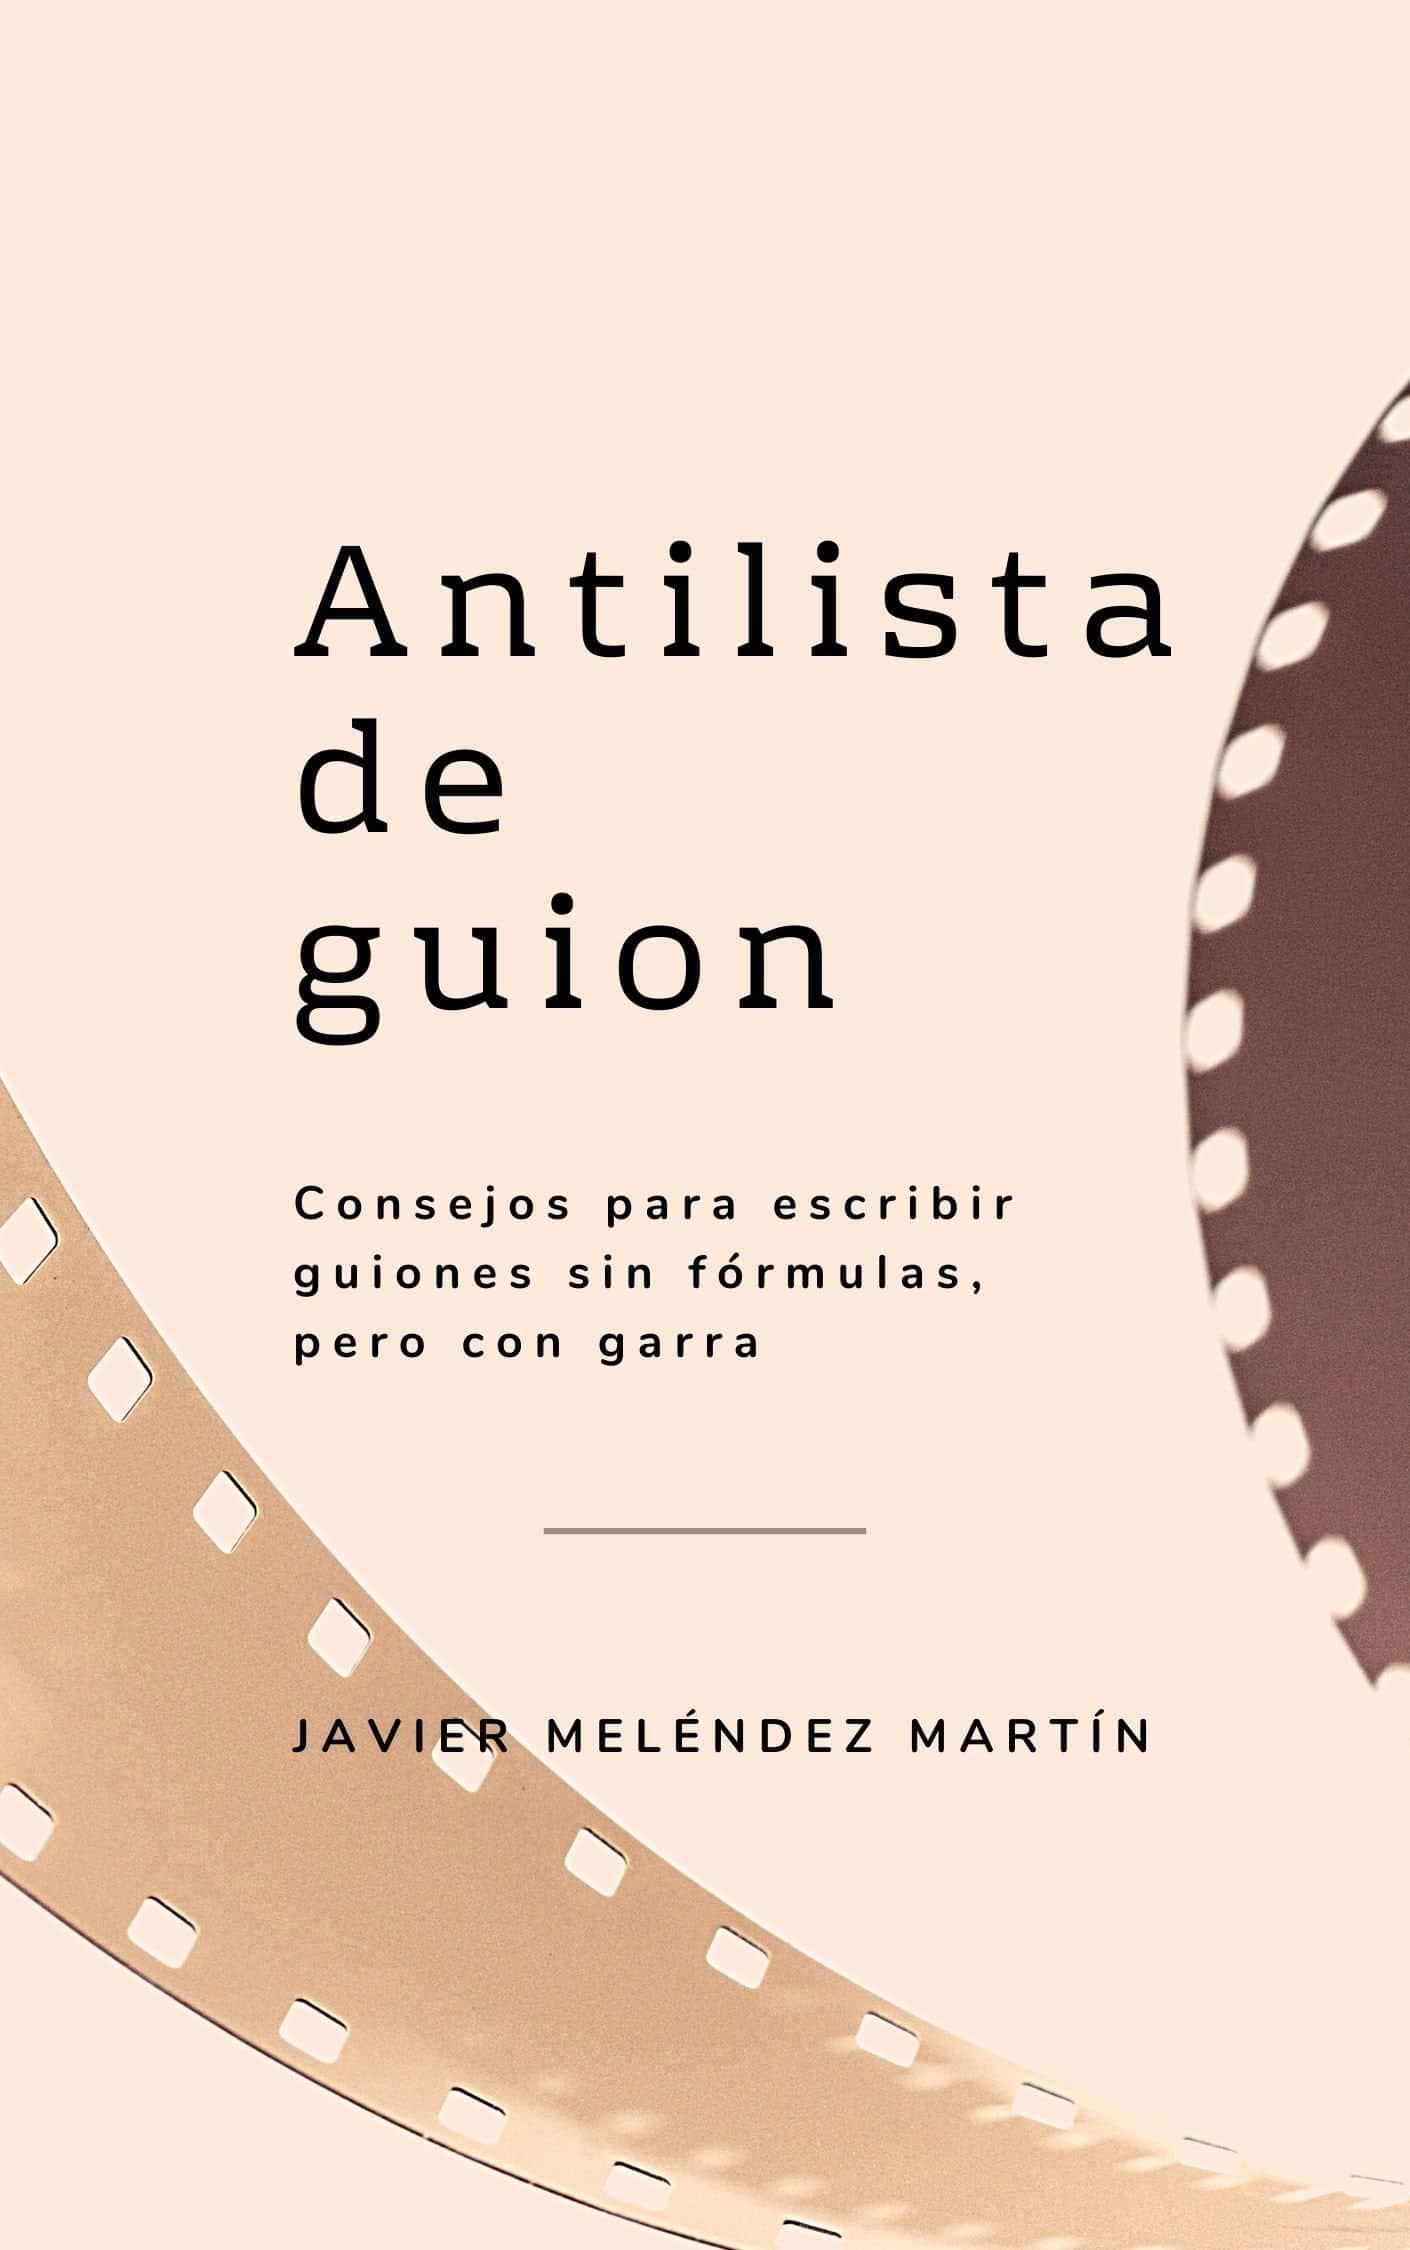 Portada del libro Antilista de Guion